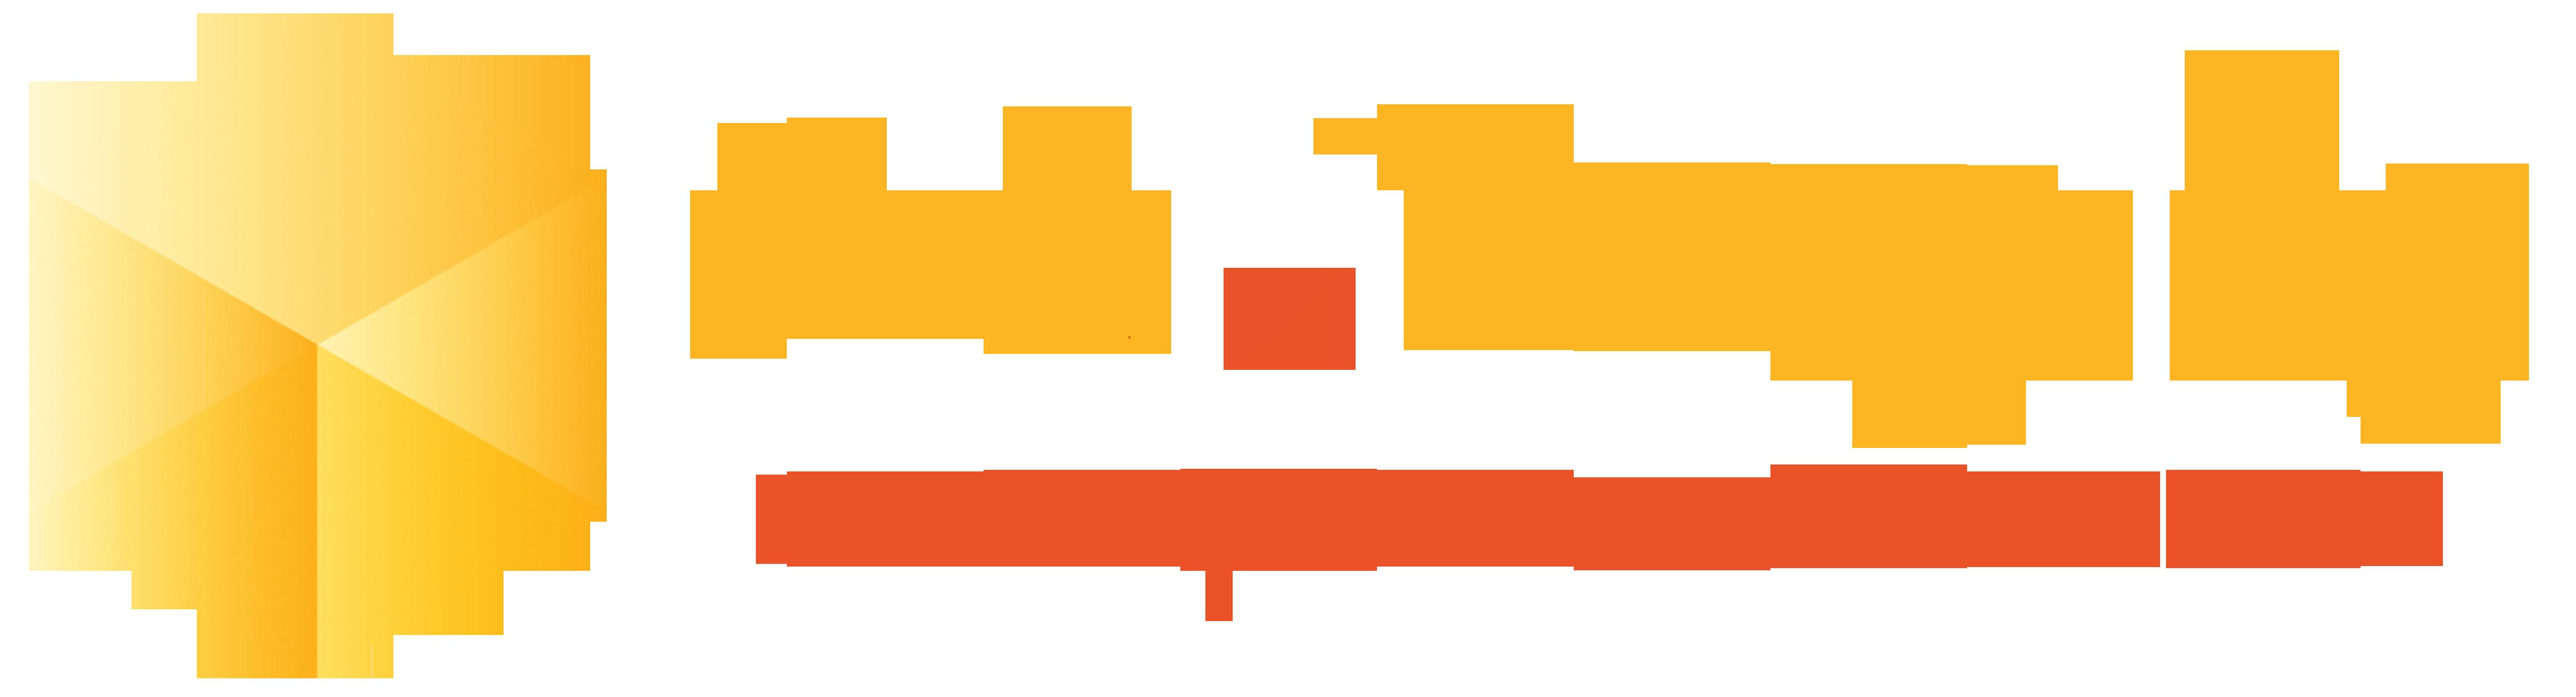 24torg.by Интернет магазин с доставкой по Беларуси